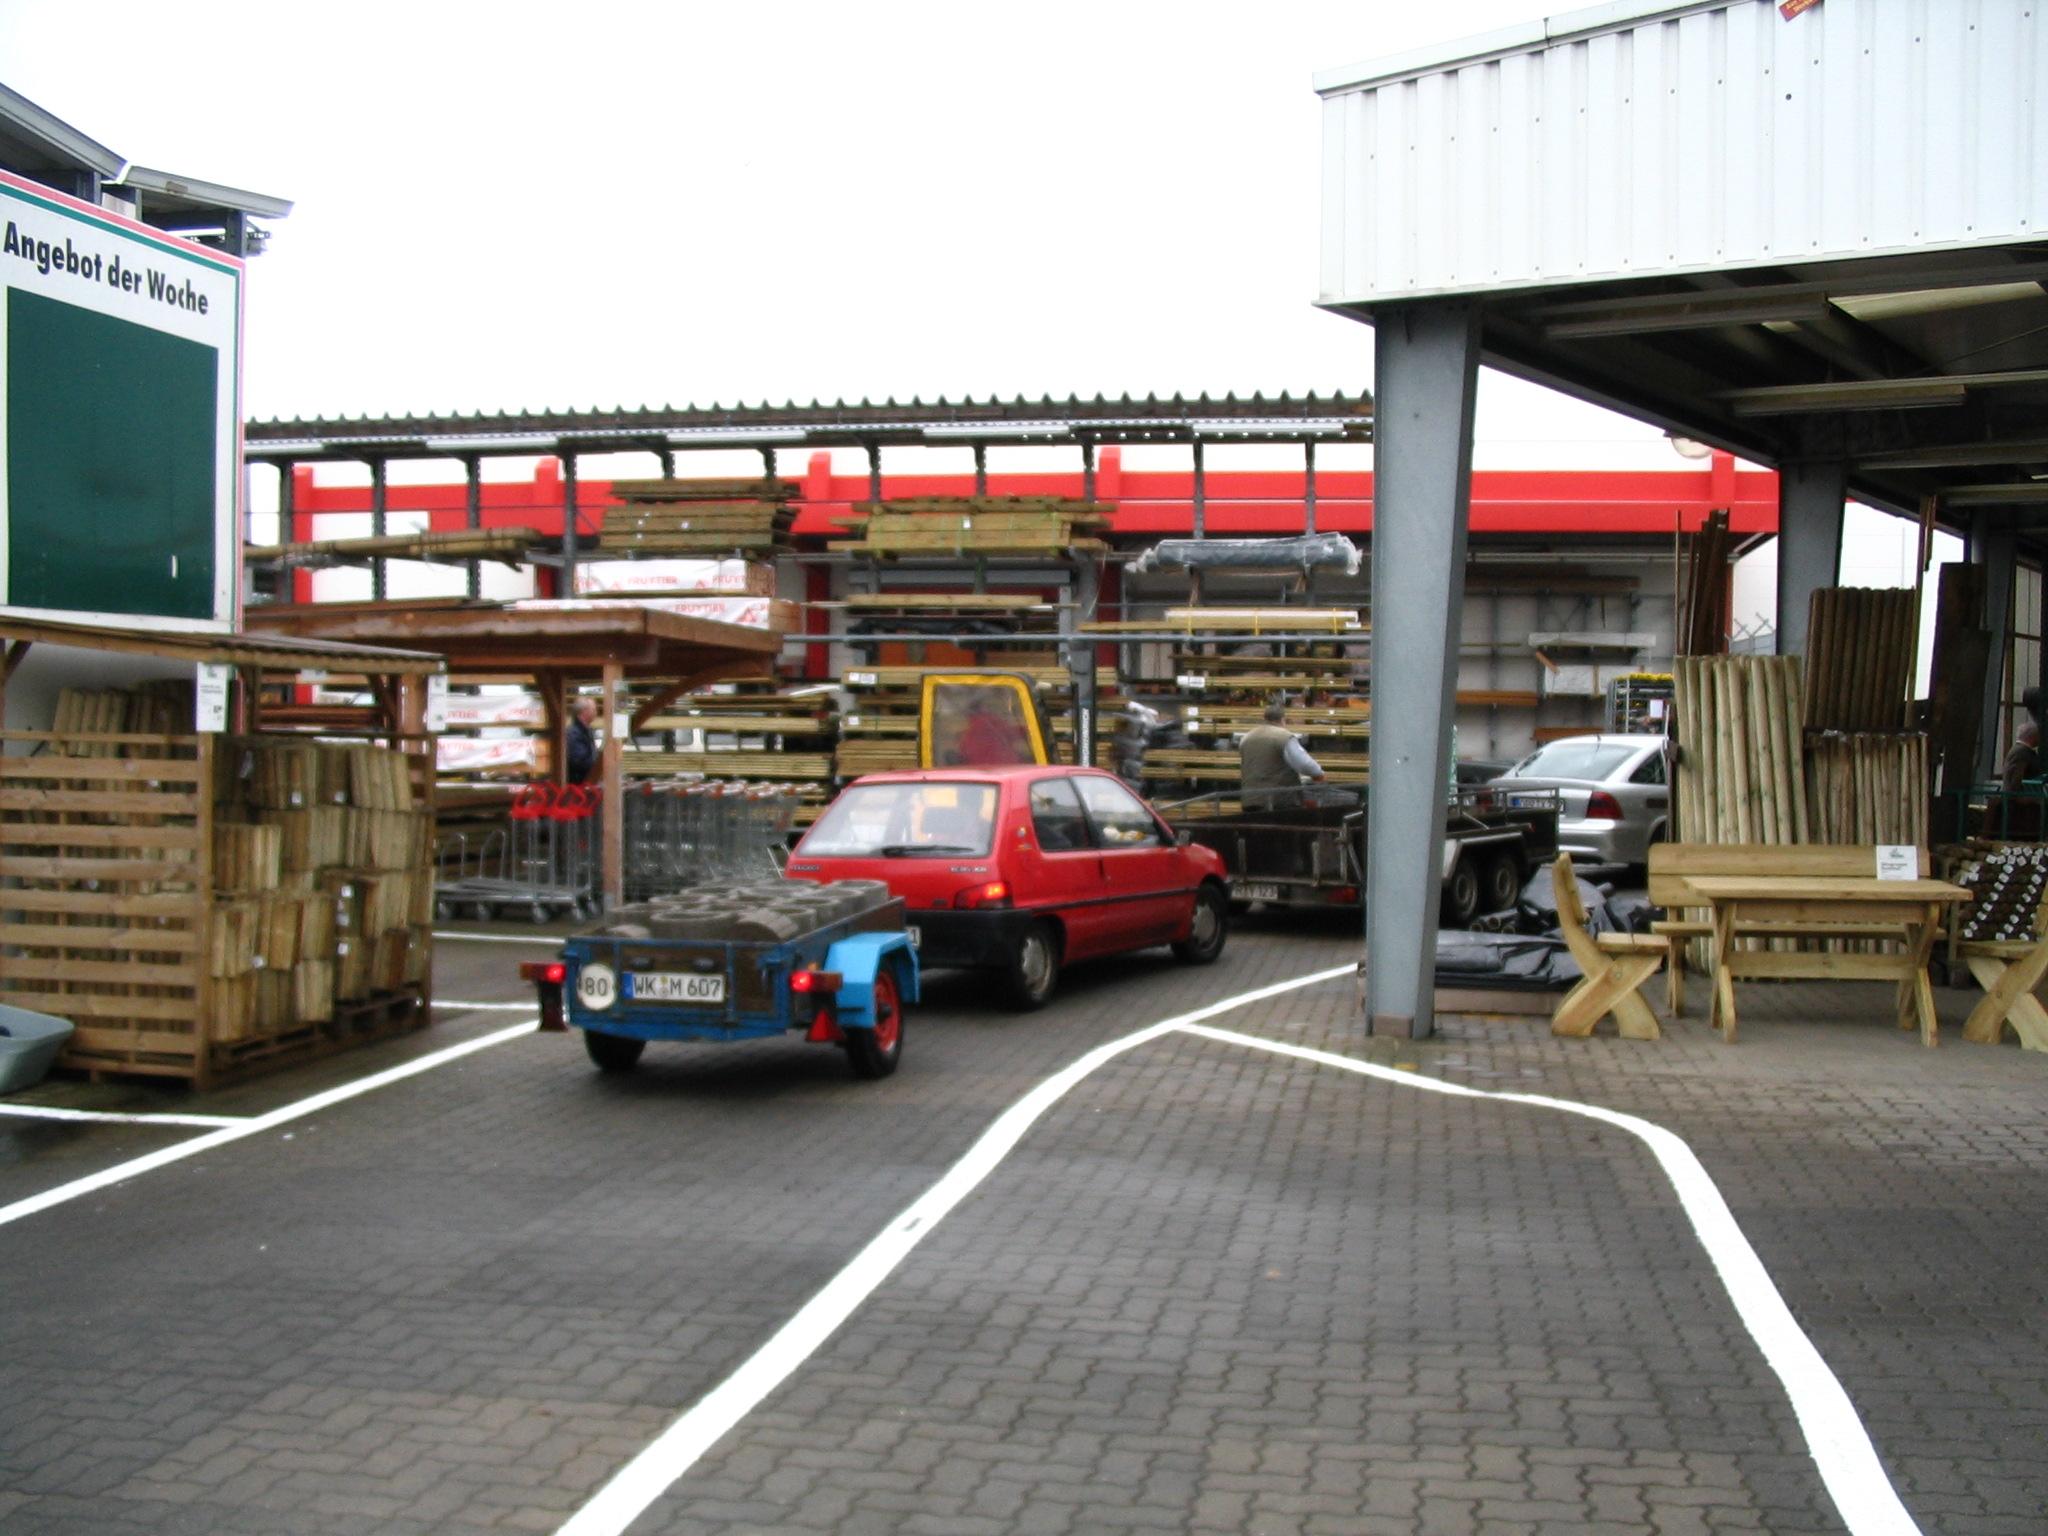 Gartenmobel Rattan Hartmann : Drive In im hagebaumarkt wittstock  Hass+Hatje GmbH